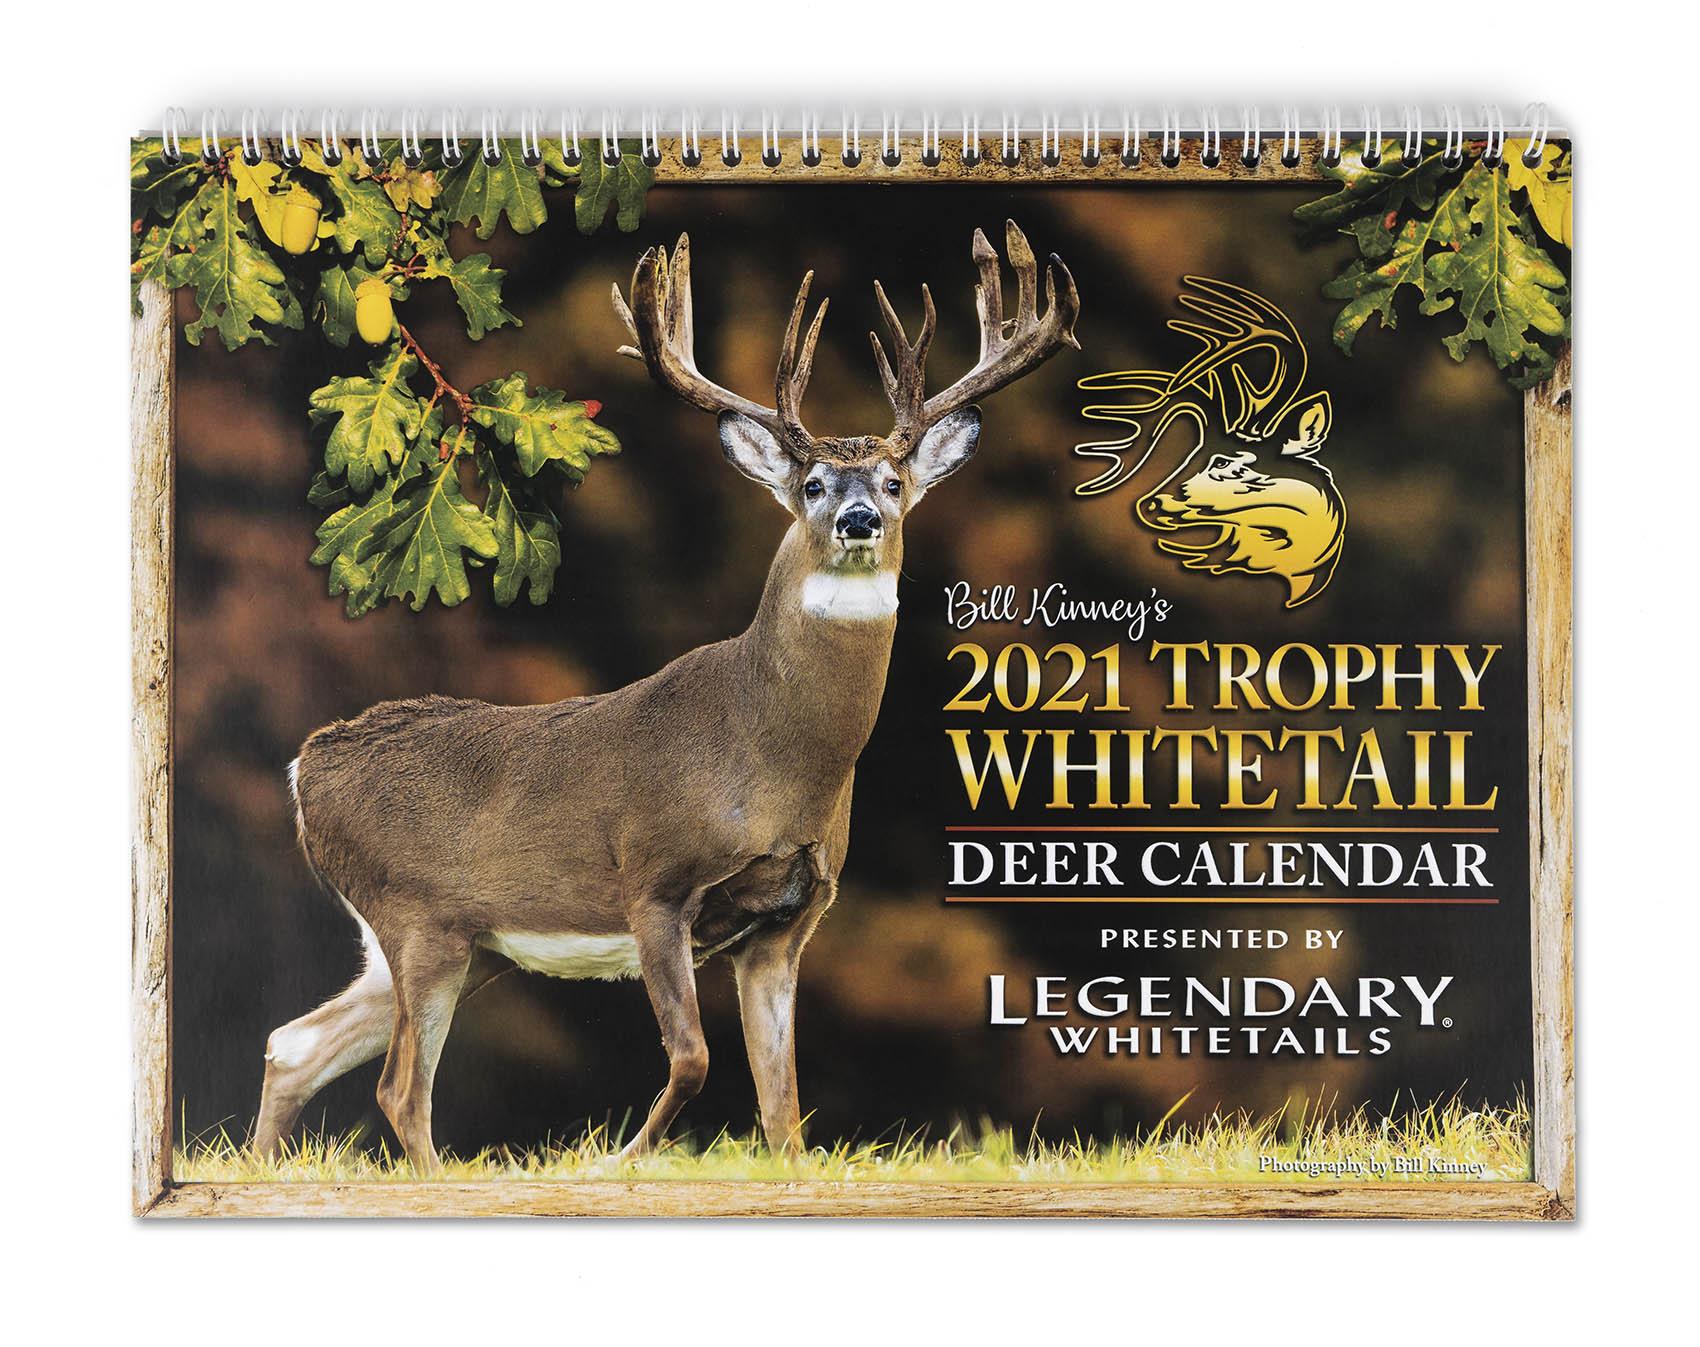 Legendary Whitetails 2021 Calendar intended for Deer Activity Calendar 2021